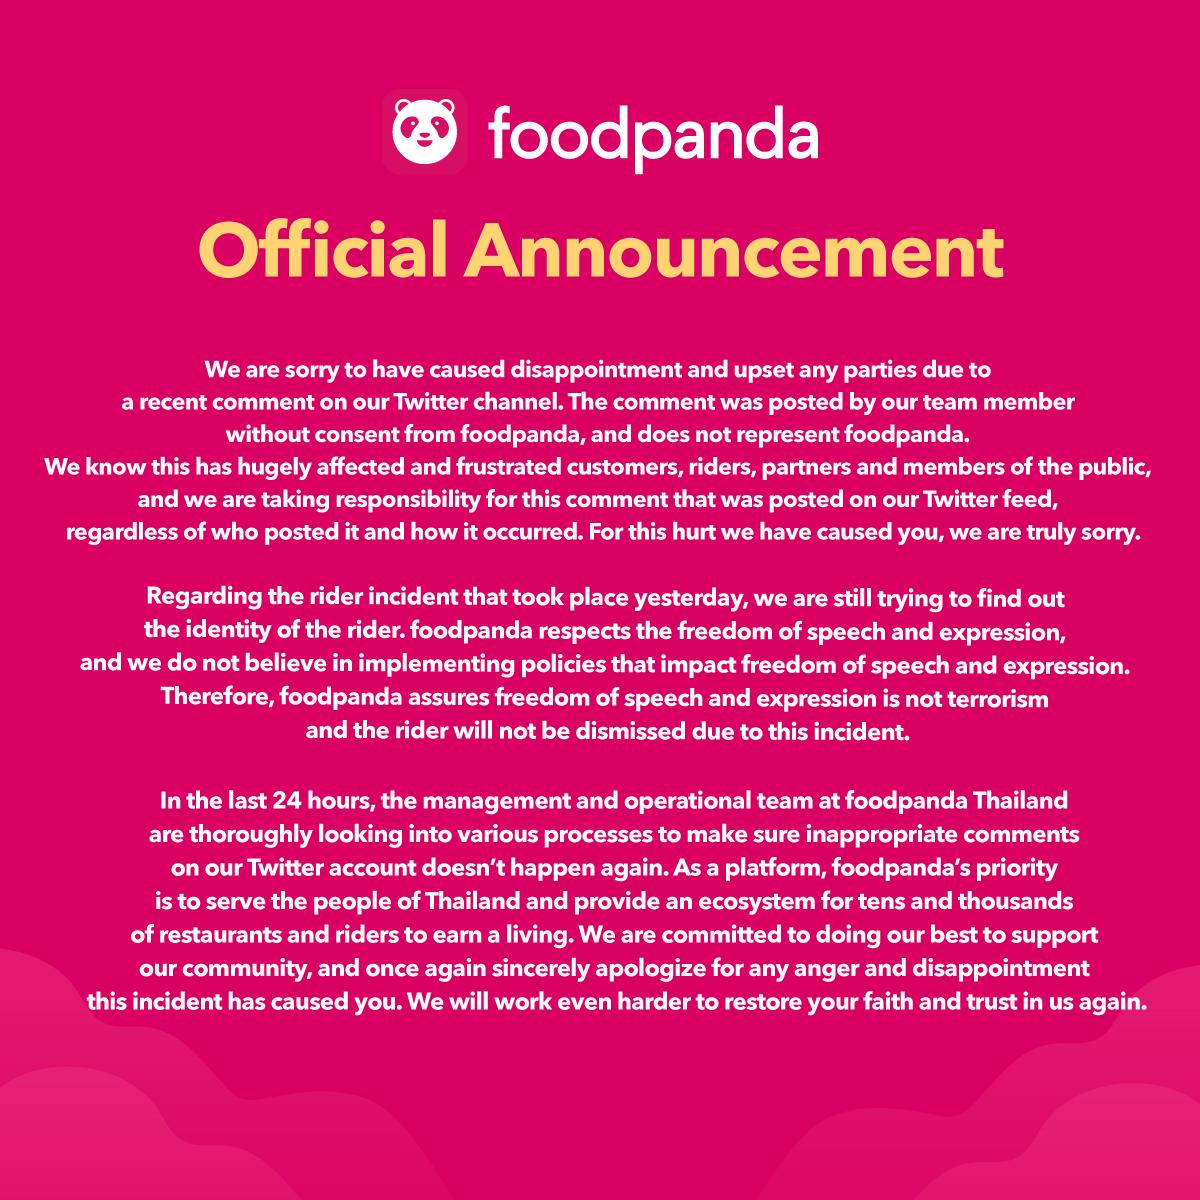 フードパンダ(タイ)が謝罪、「デモ参加者を解雇」ツイートで不買運動に発展